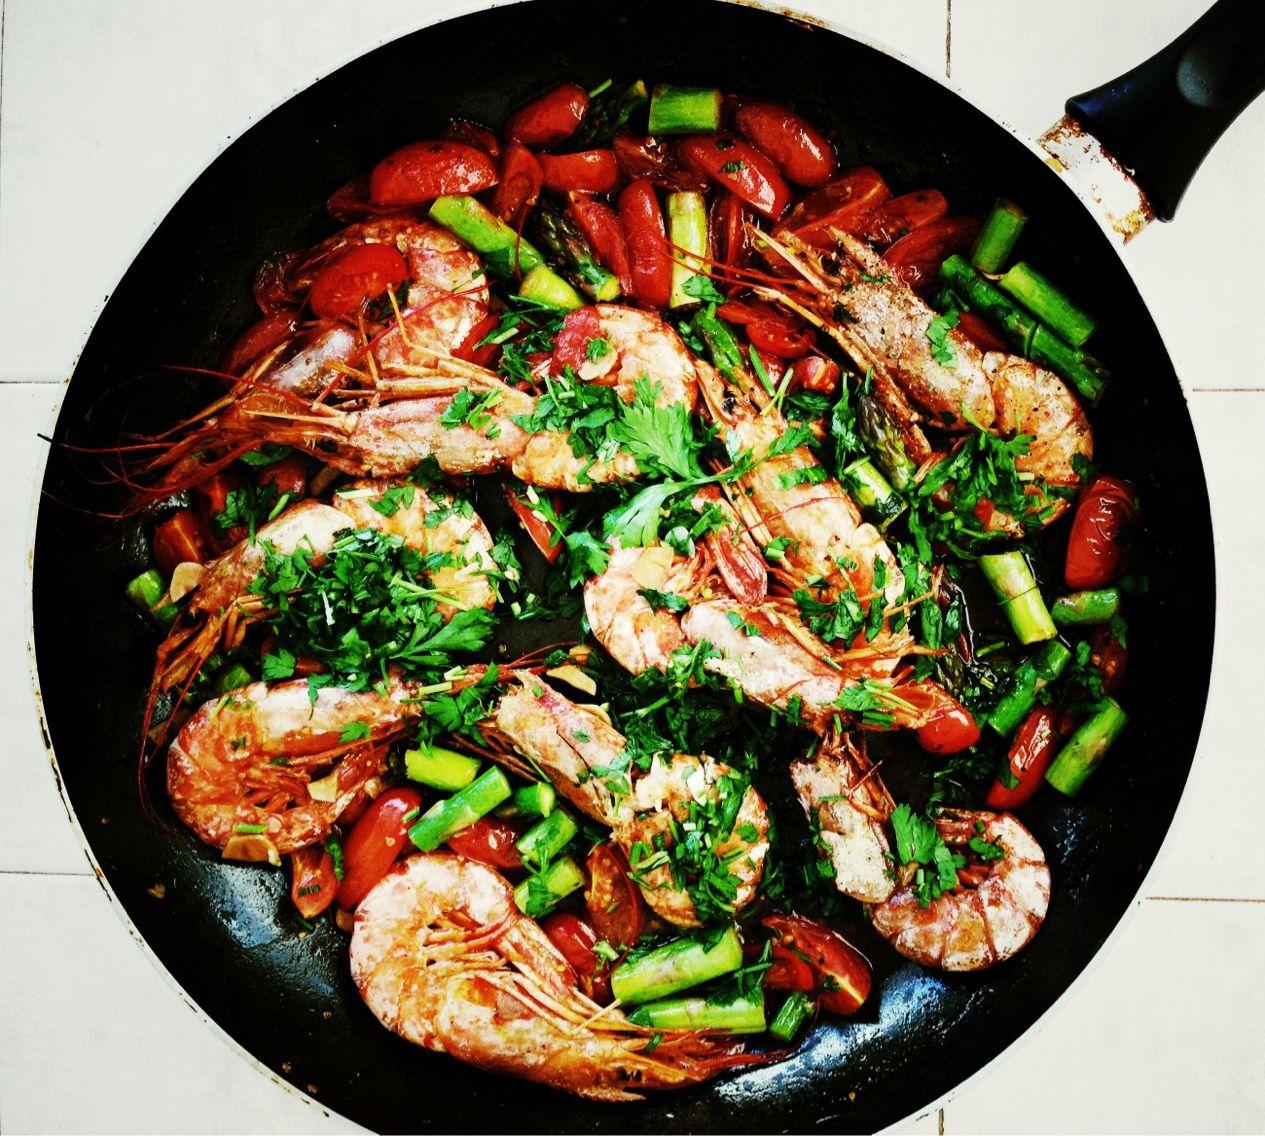 Perfect lunch! Thanks my ❤️ #gambas #pastaqueen #liebegehtdurchdenmagen #eatclean #cleaneating #healthy #healthyfood #gesundheit #gesund #gesundeernährung